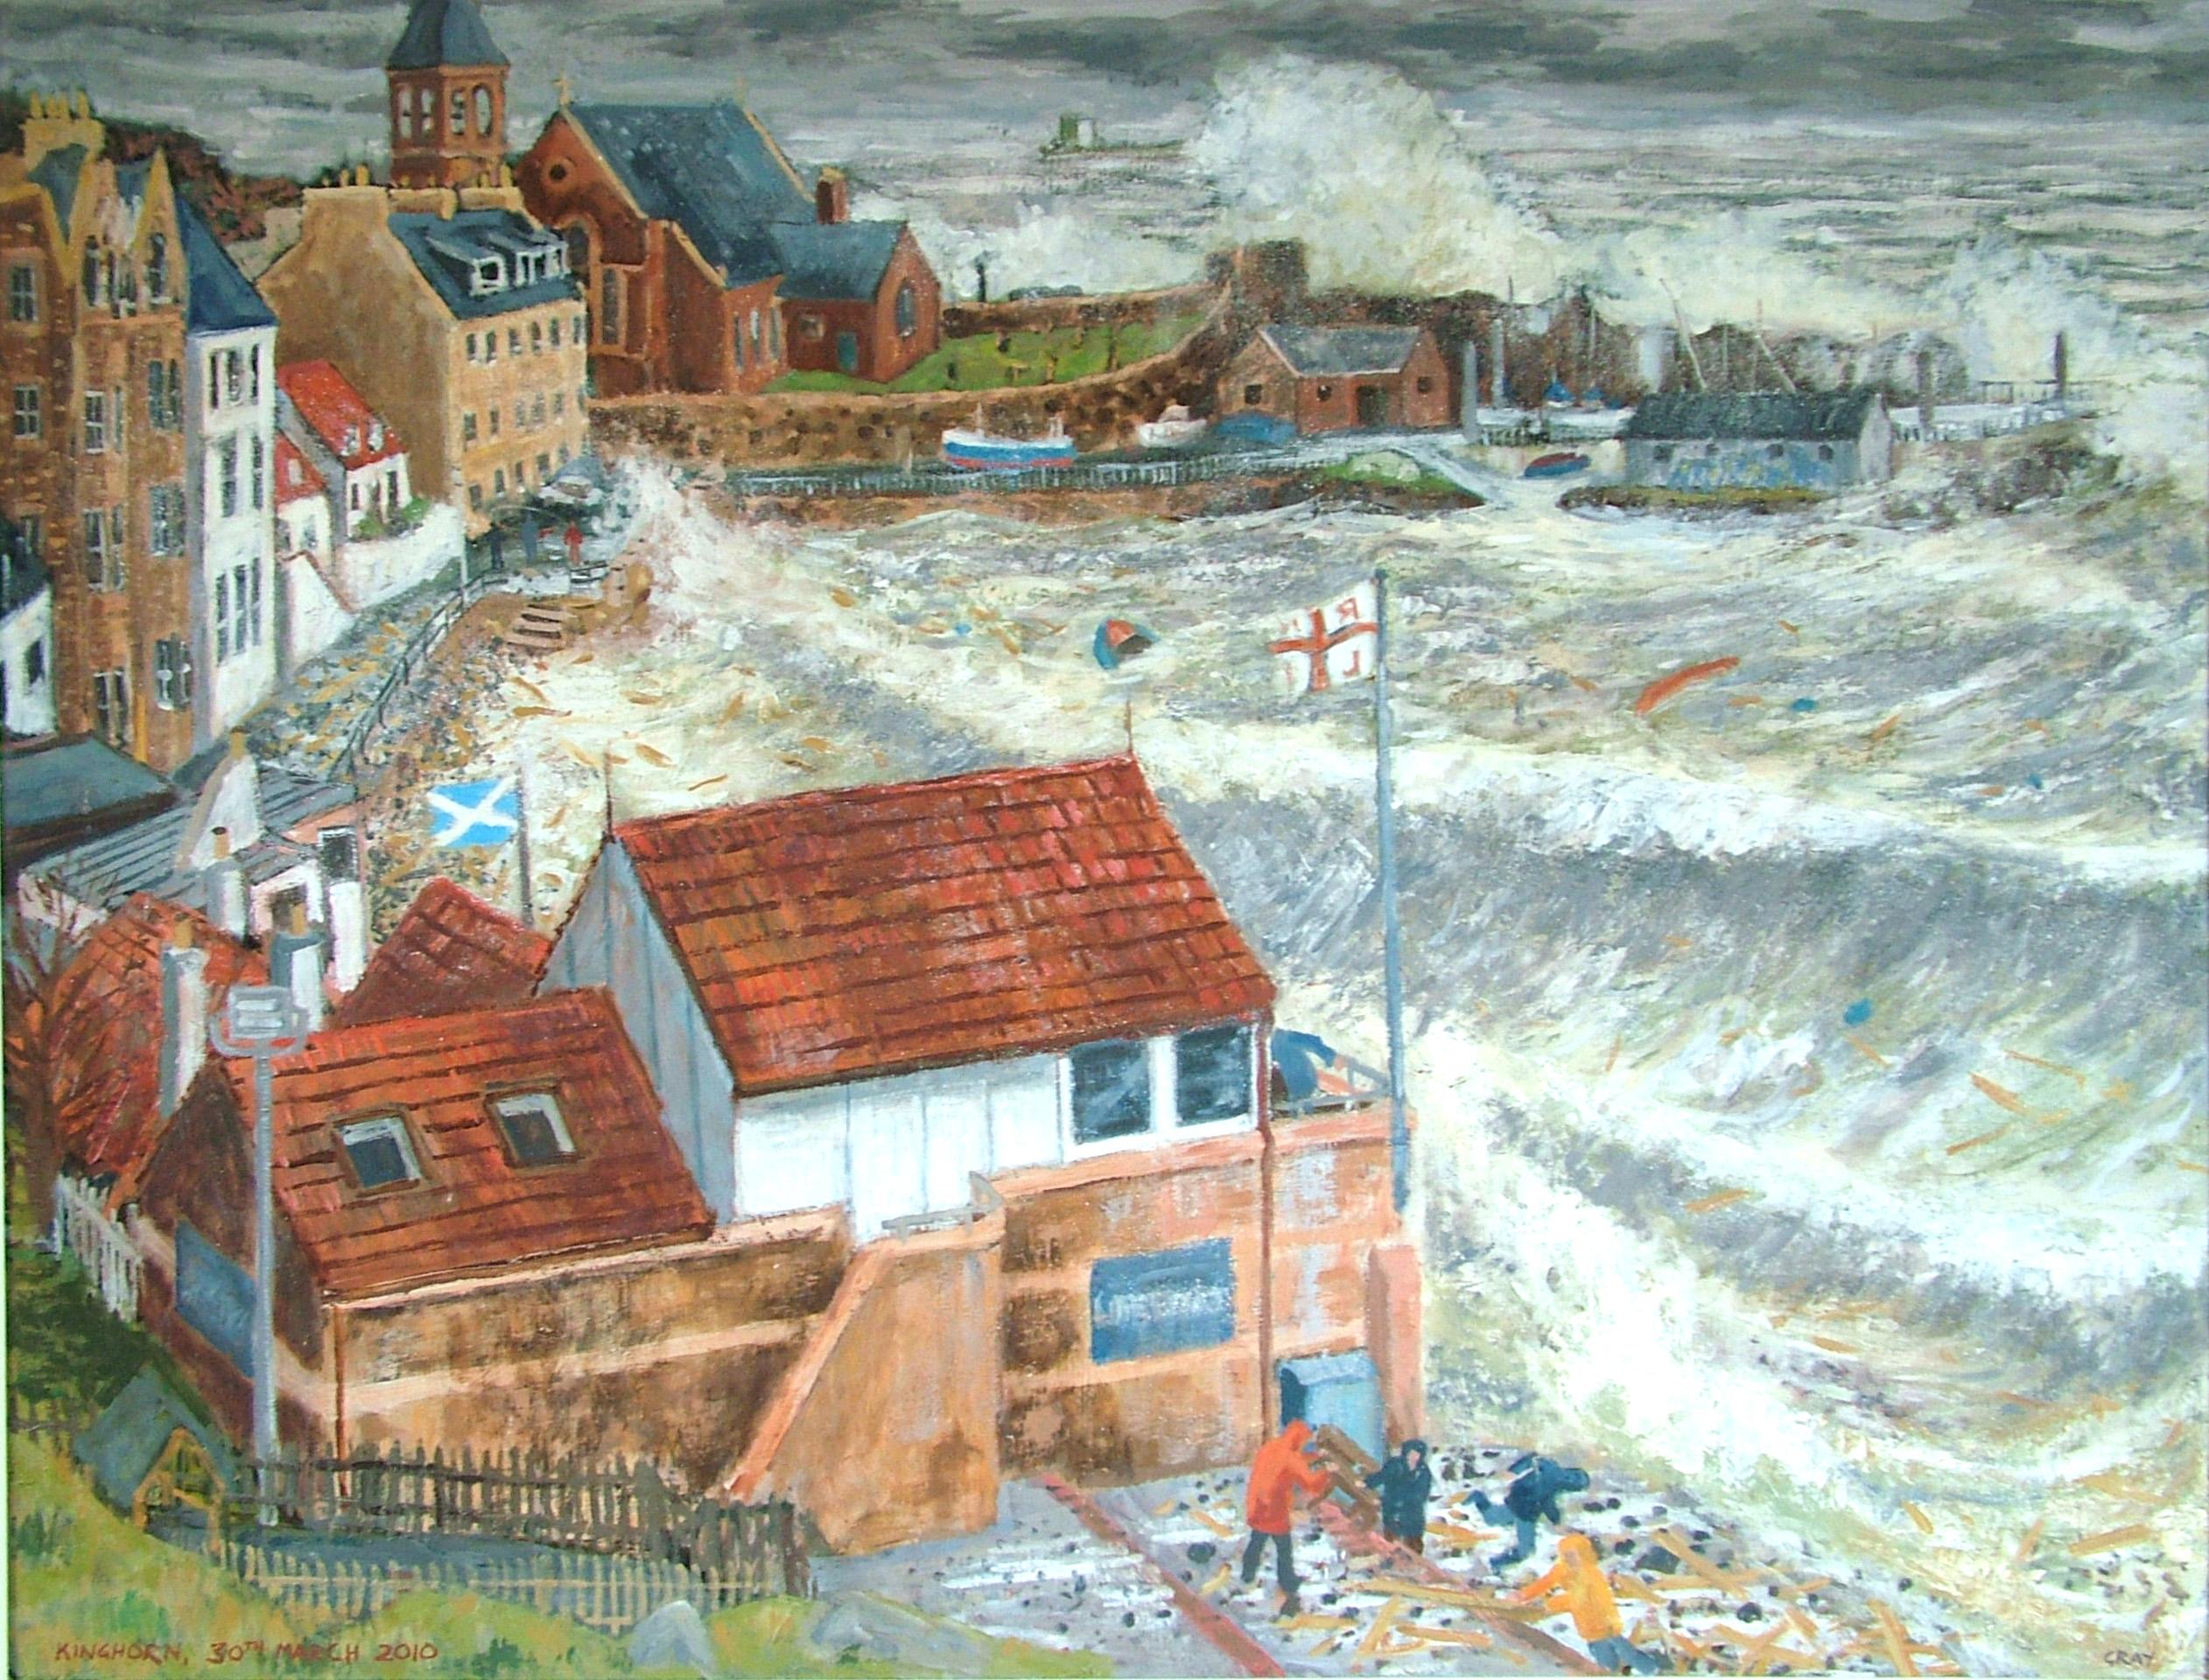 Kinghorn Storm